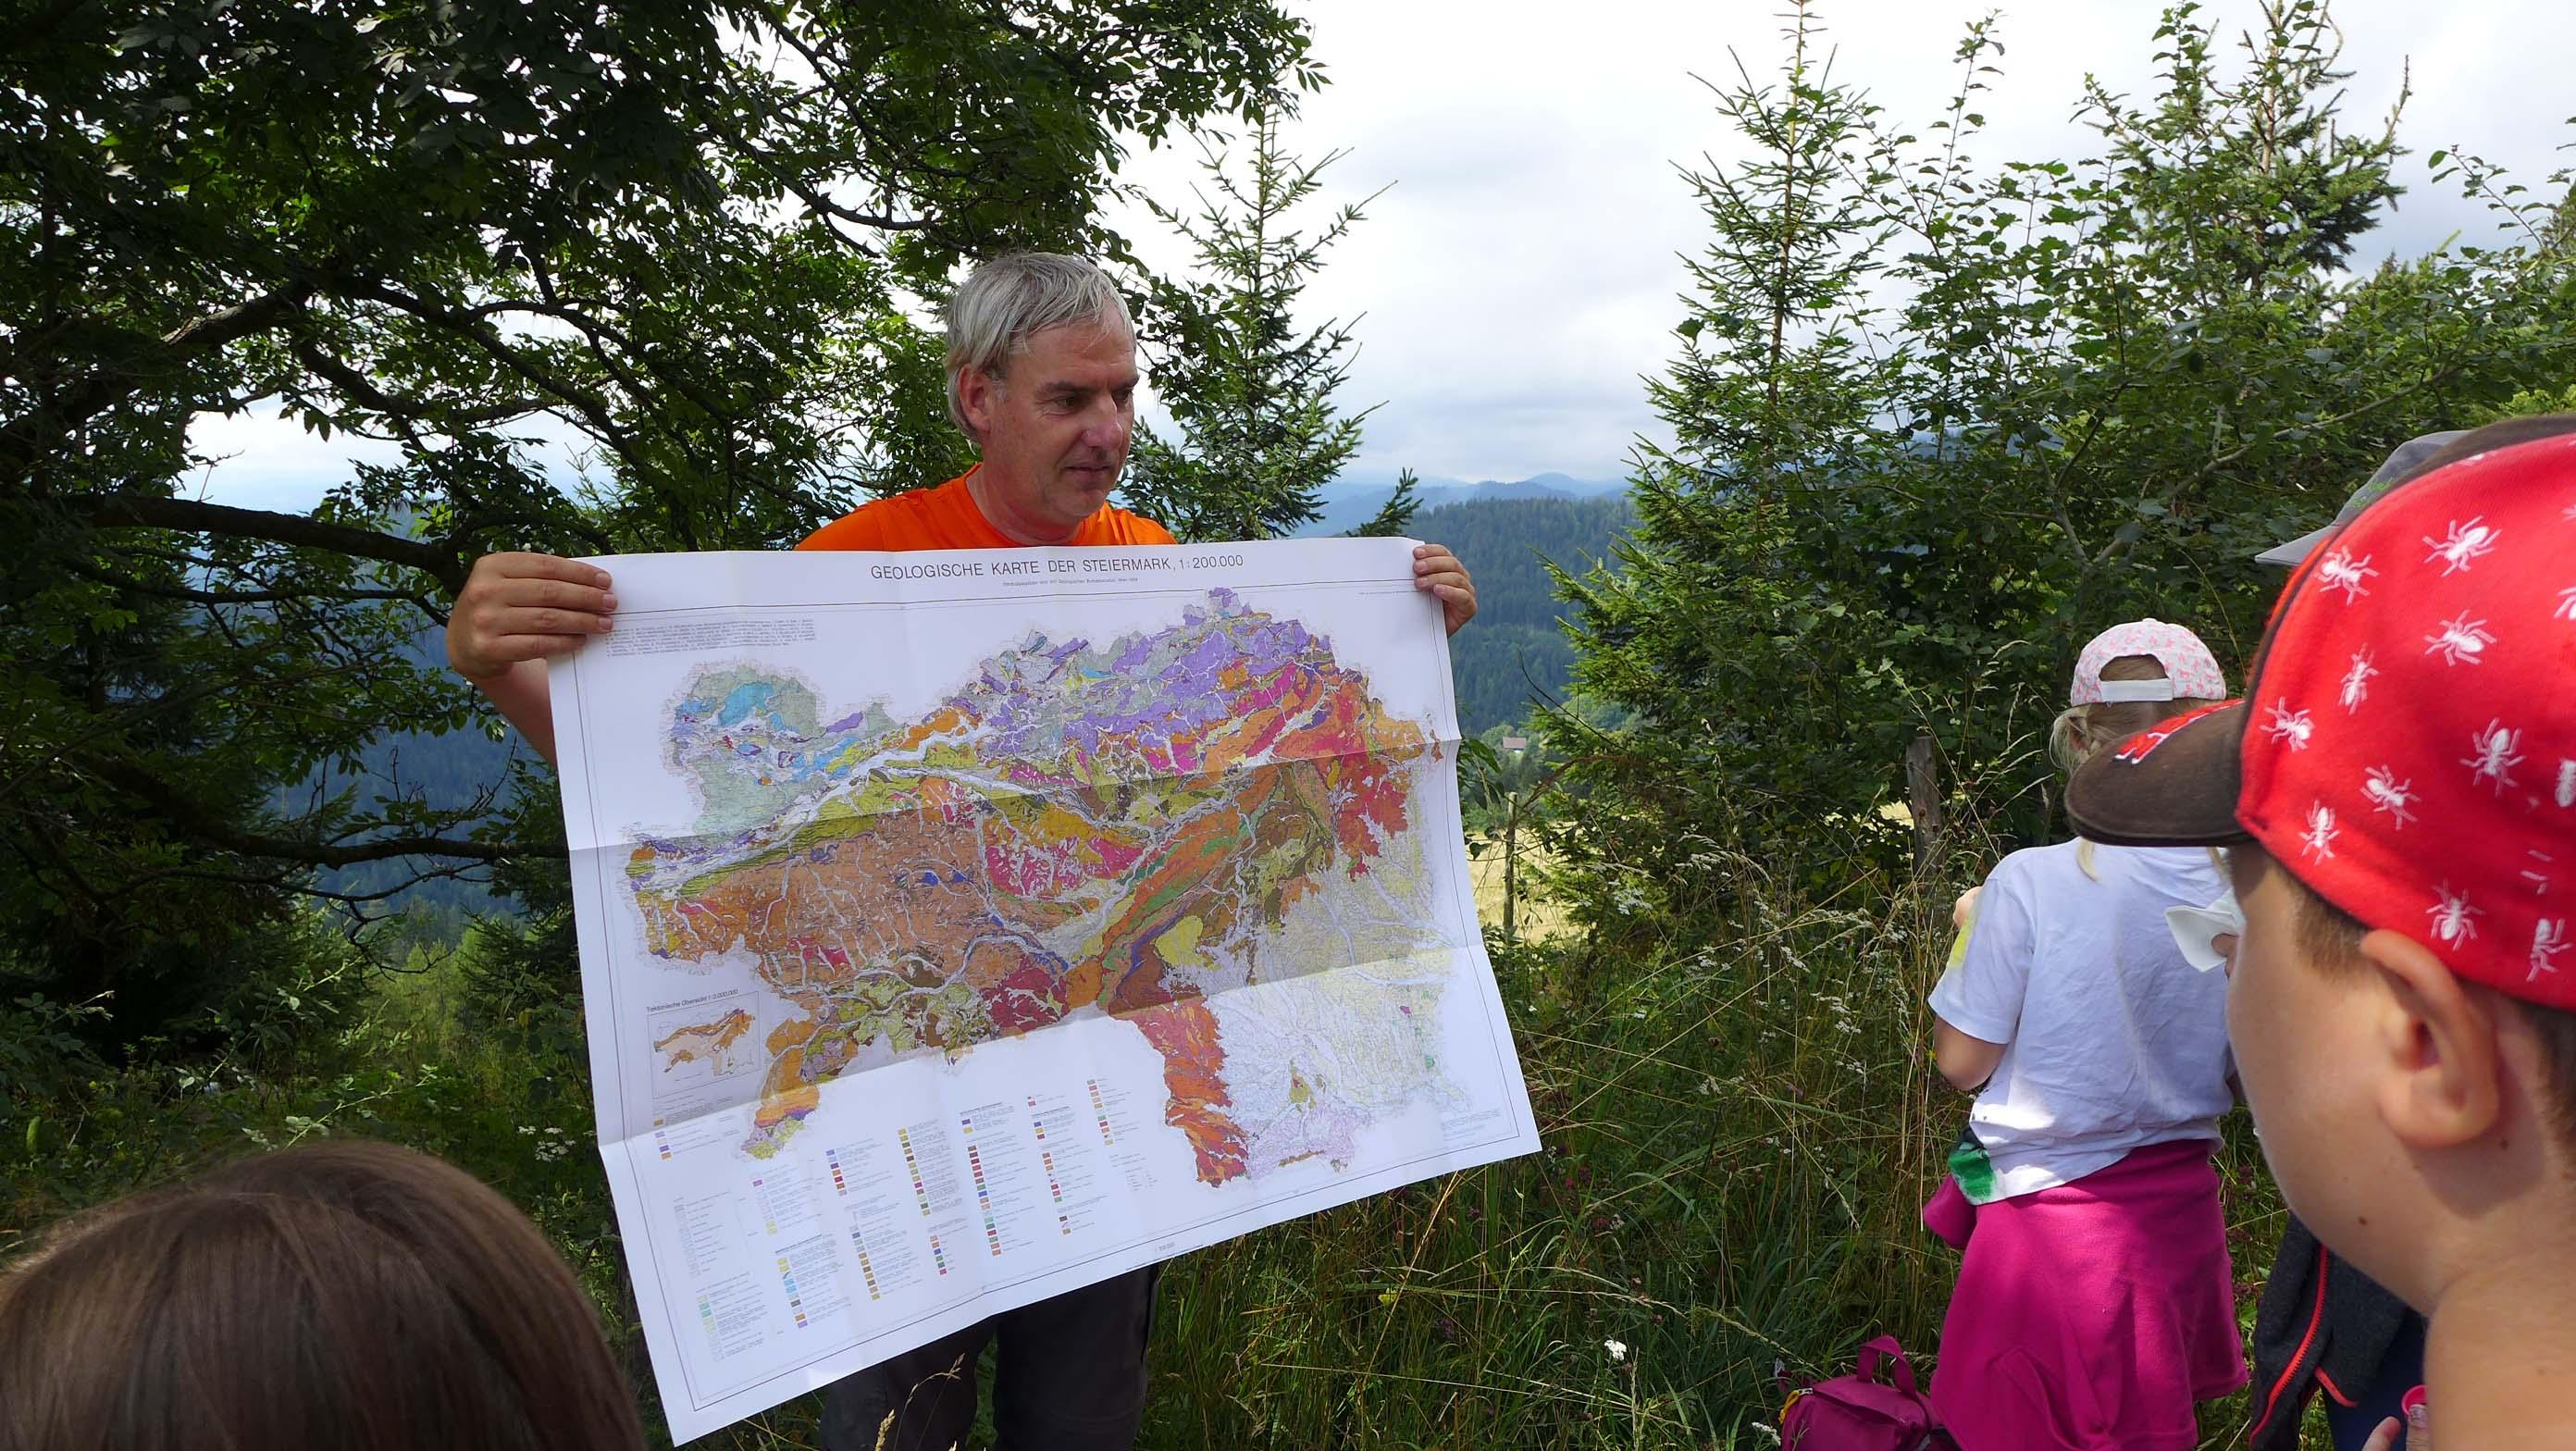 Die geologische Karte der Steiermark - wie ein bunter Fleckerlteppich!